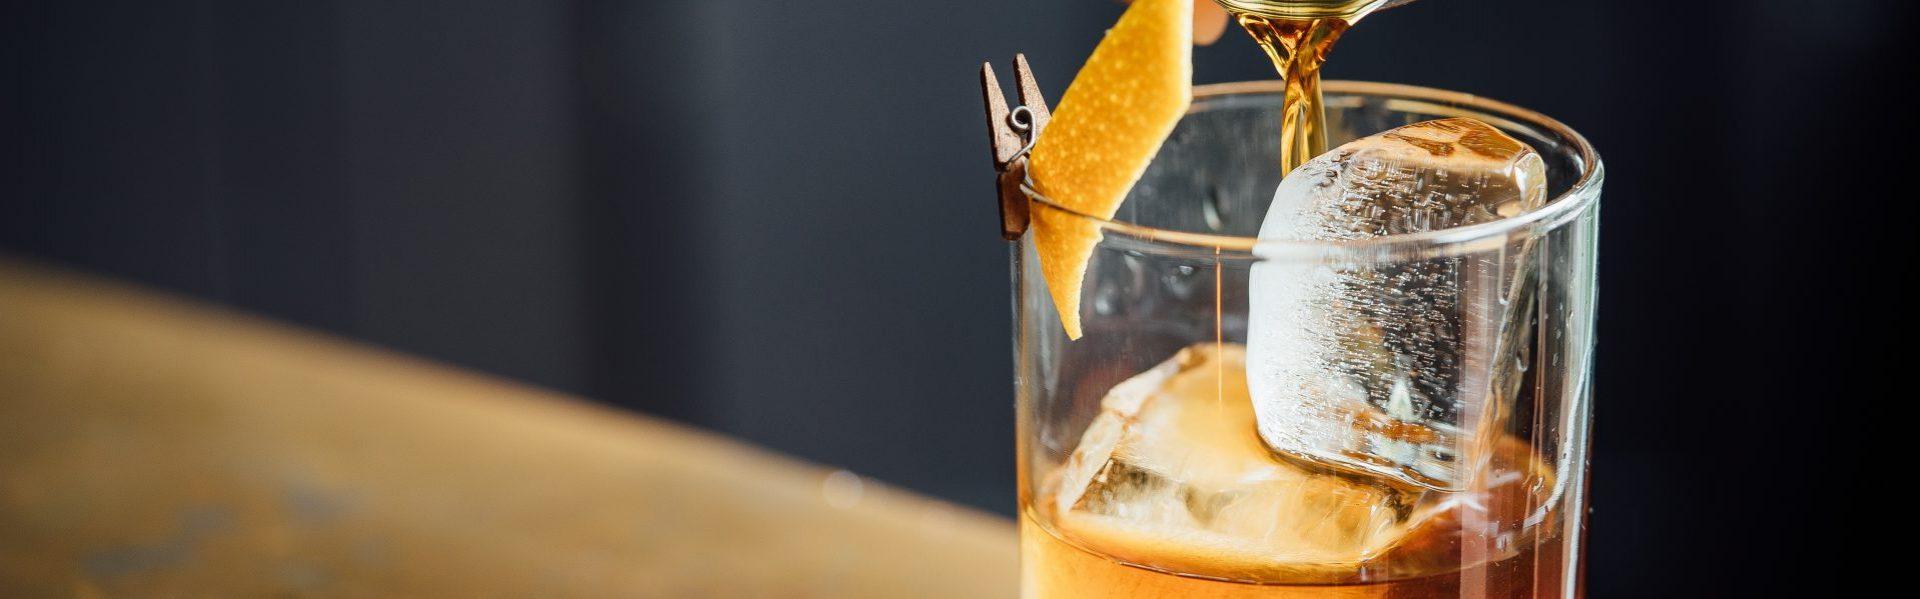 Hispanoamerican Brokers. Aromas, extractos y esencias para licores / 酒類、エキス、香りのエッセンス /